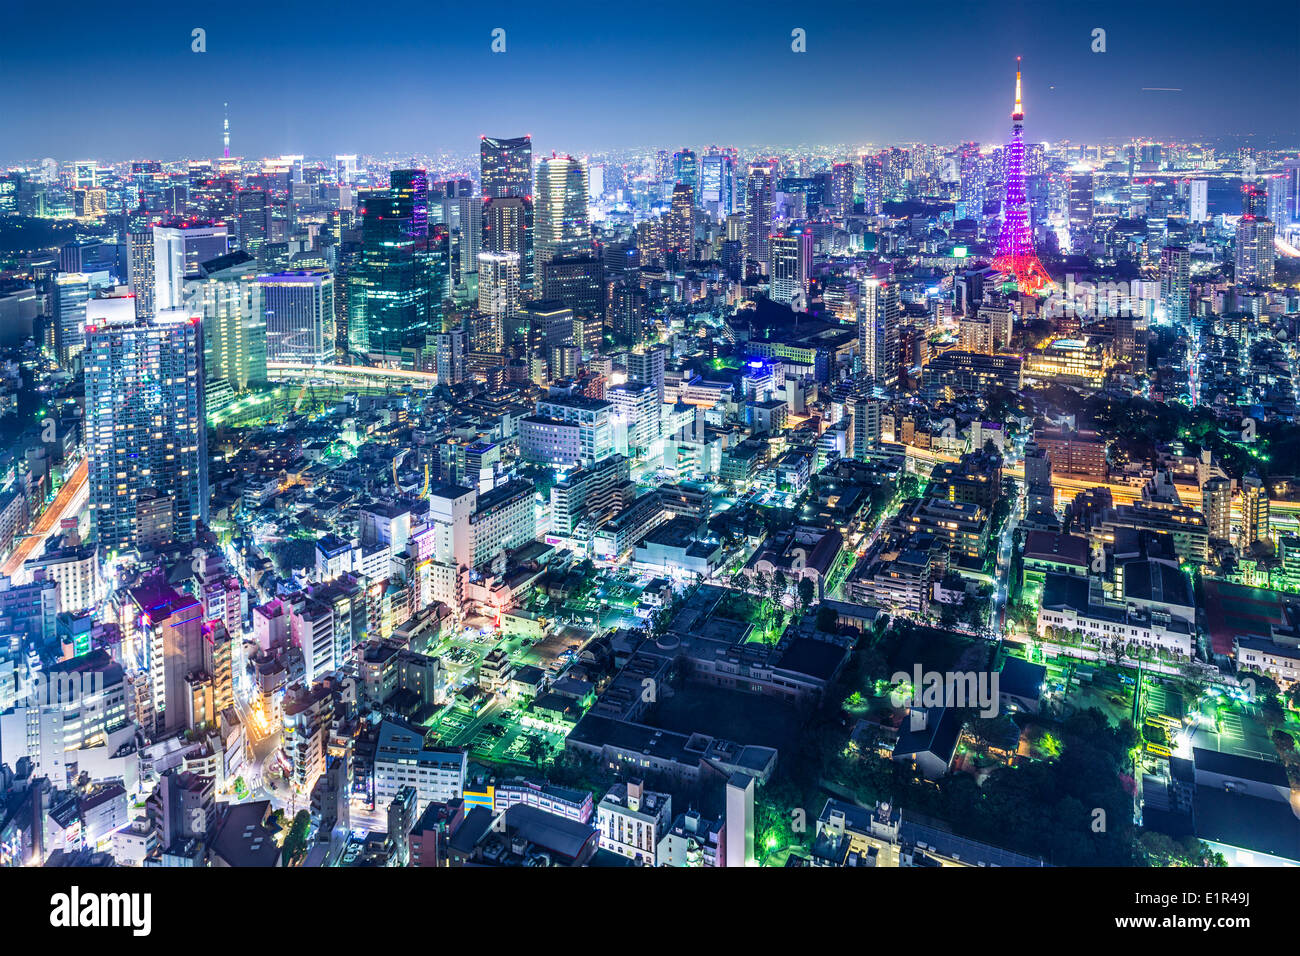 Tokio, Japón el horizonte de la ciudad con la Torre de Tokio y el Tokyo Skytree en la distancia. Imagen De Stock